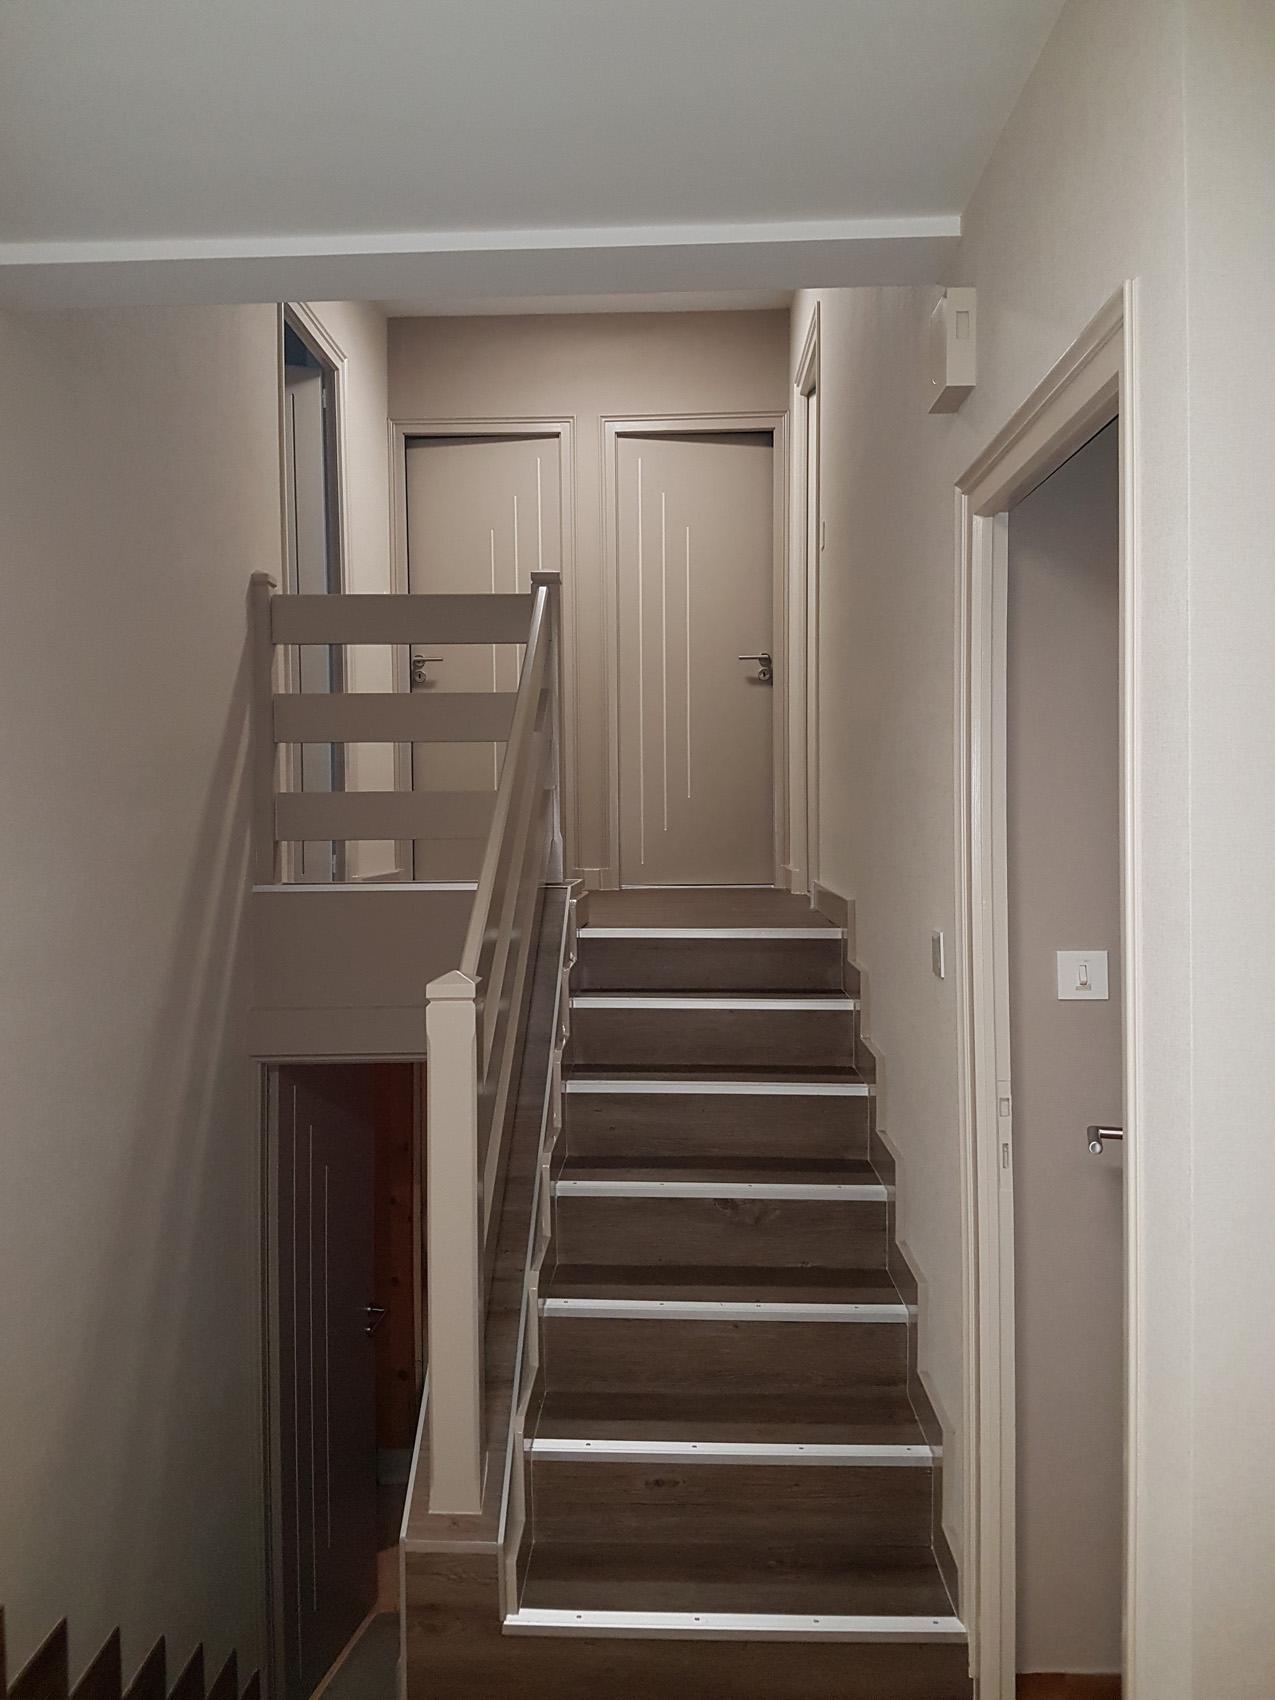 Amenagement escalier peinture et lames PVC - La Flocelliere